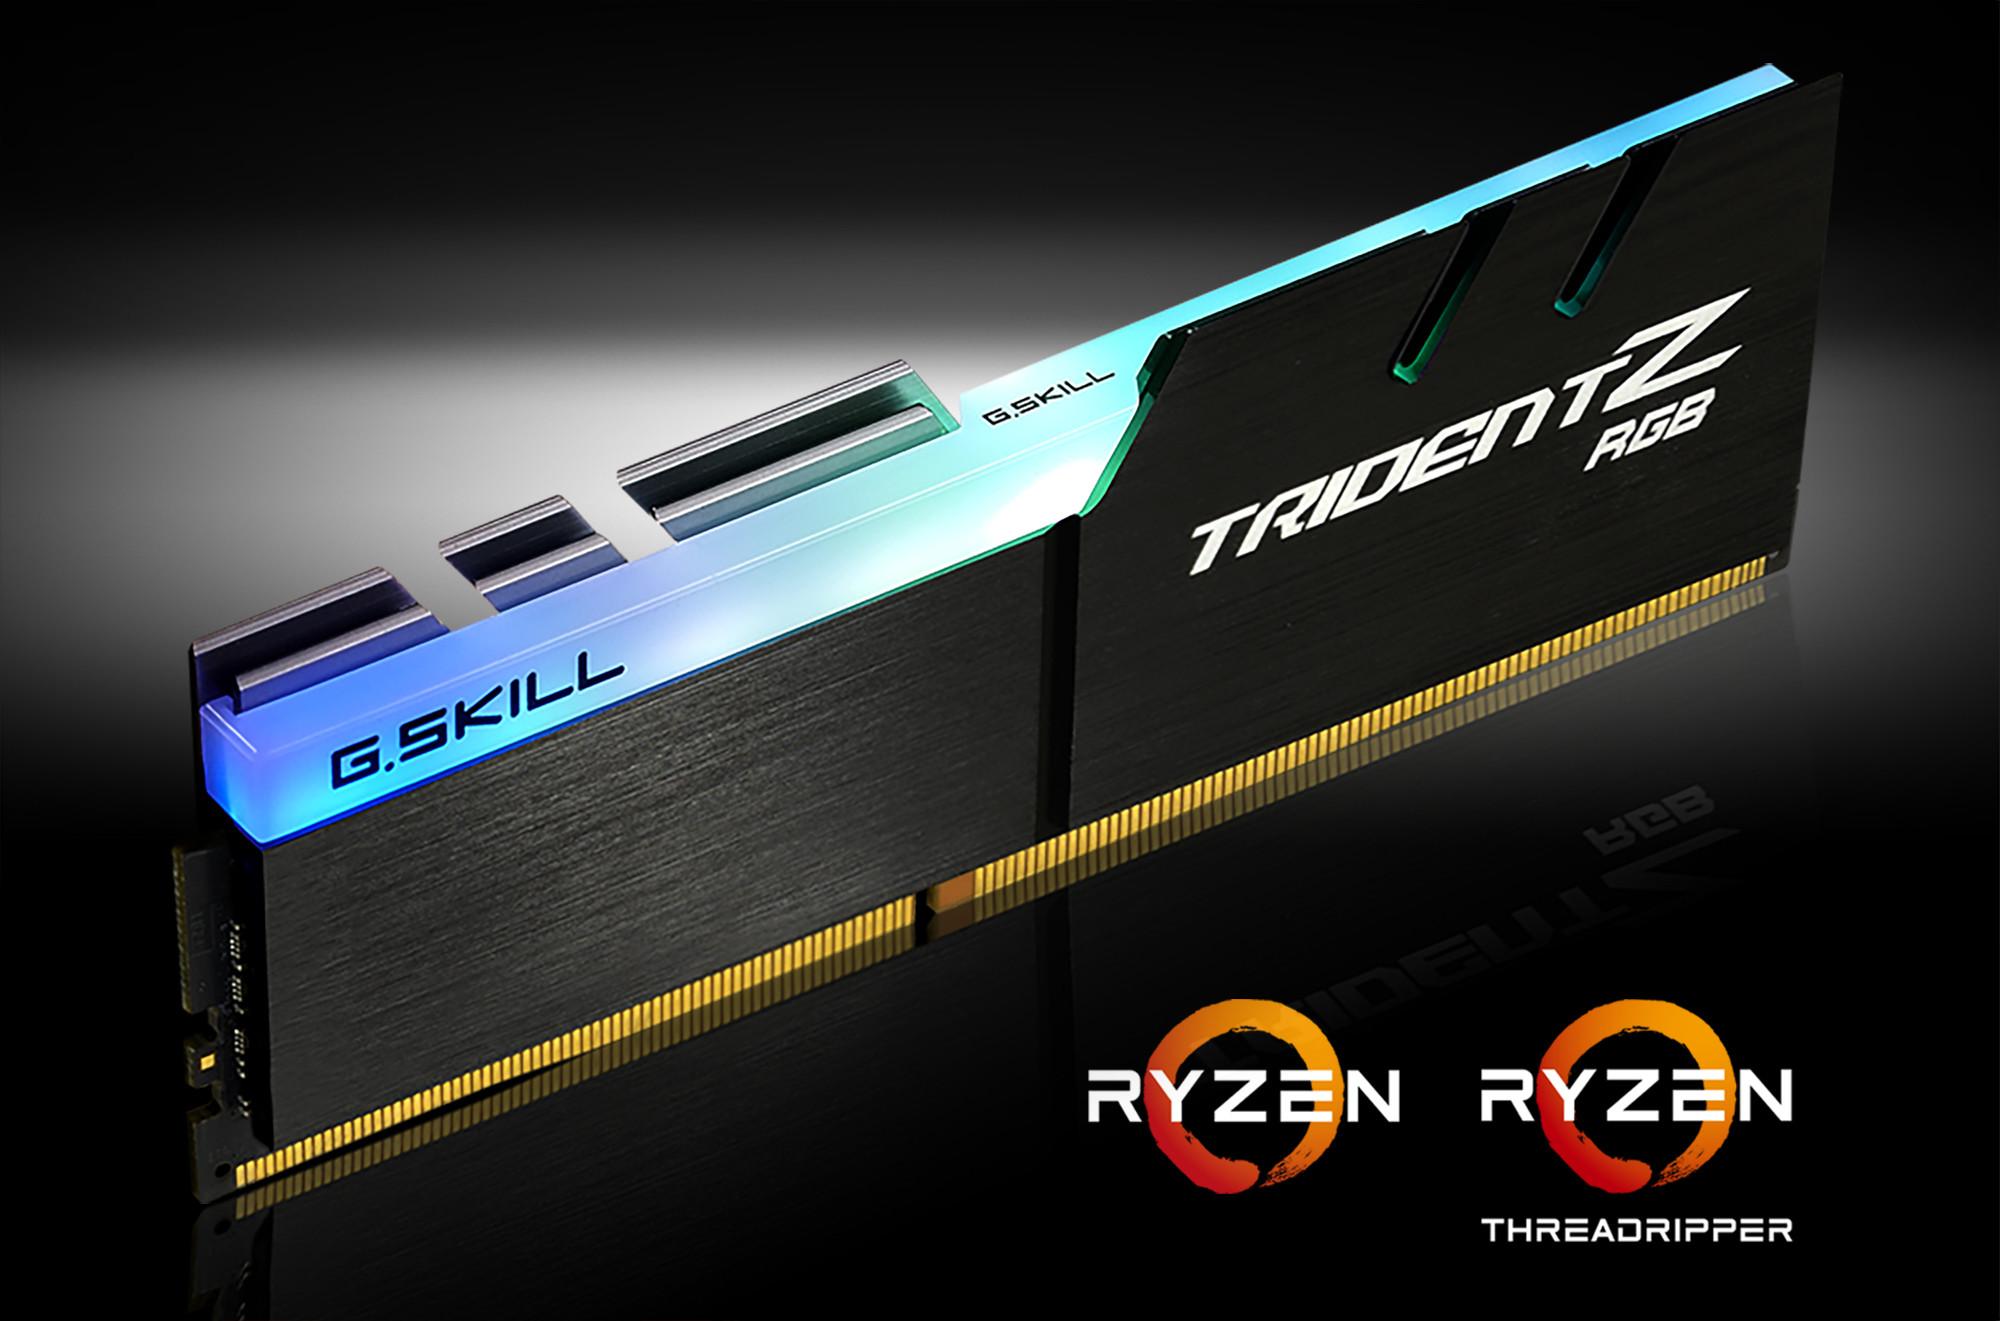 شرکت G.SKILL ماژول حافظههای DDR4 جدید Trident Z RGB بهینه خود را برای پردازندههای سری Ryzen معرفی میکند